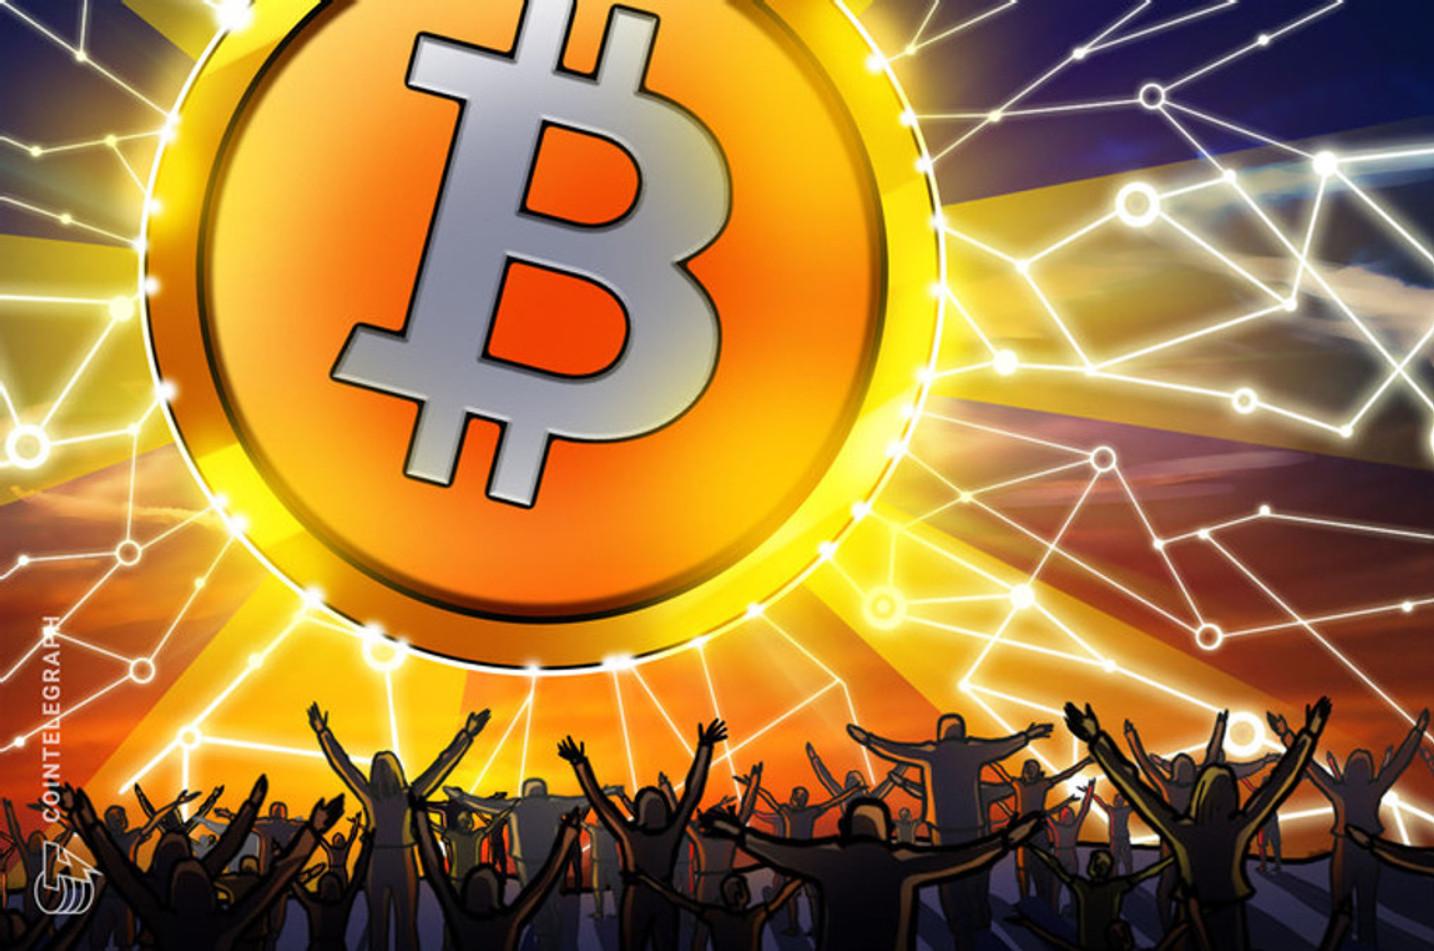 La historia y futuro de Bitcoin formarán parte de un conversatorio digital